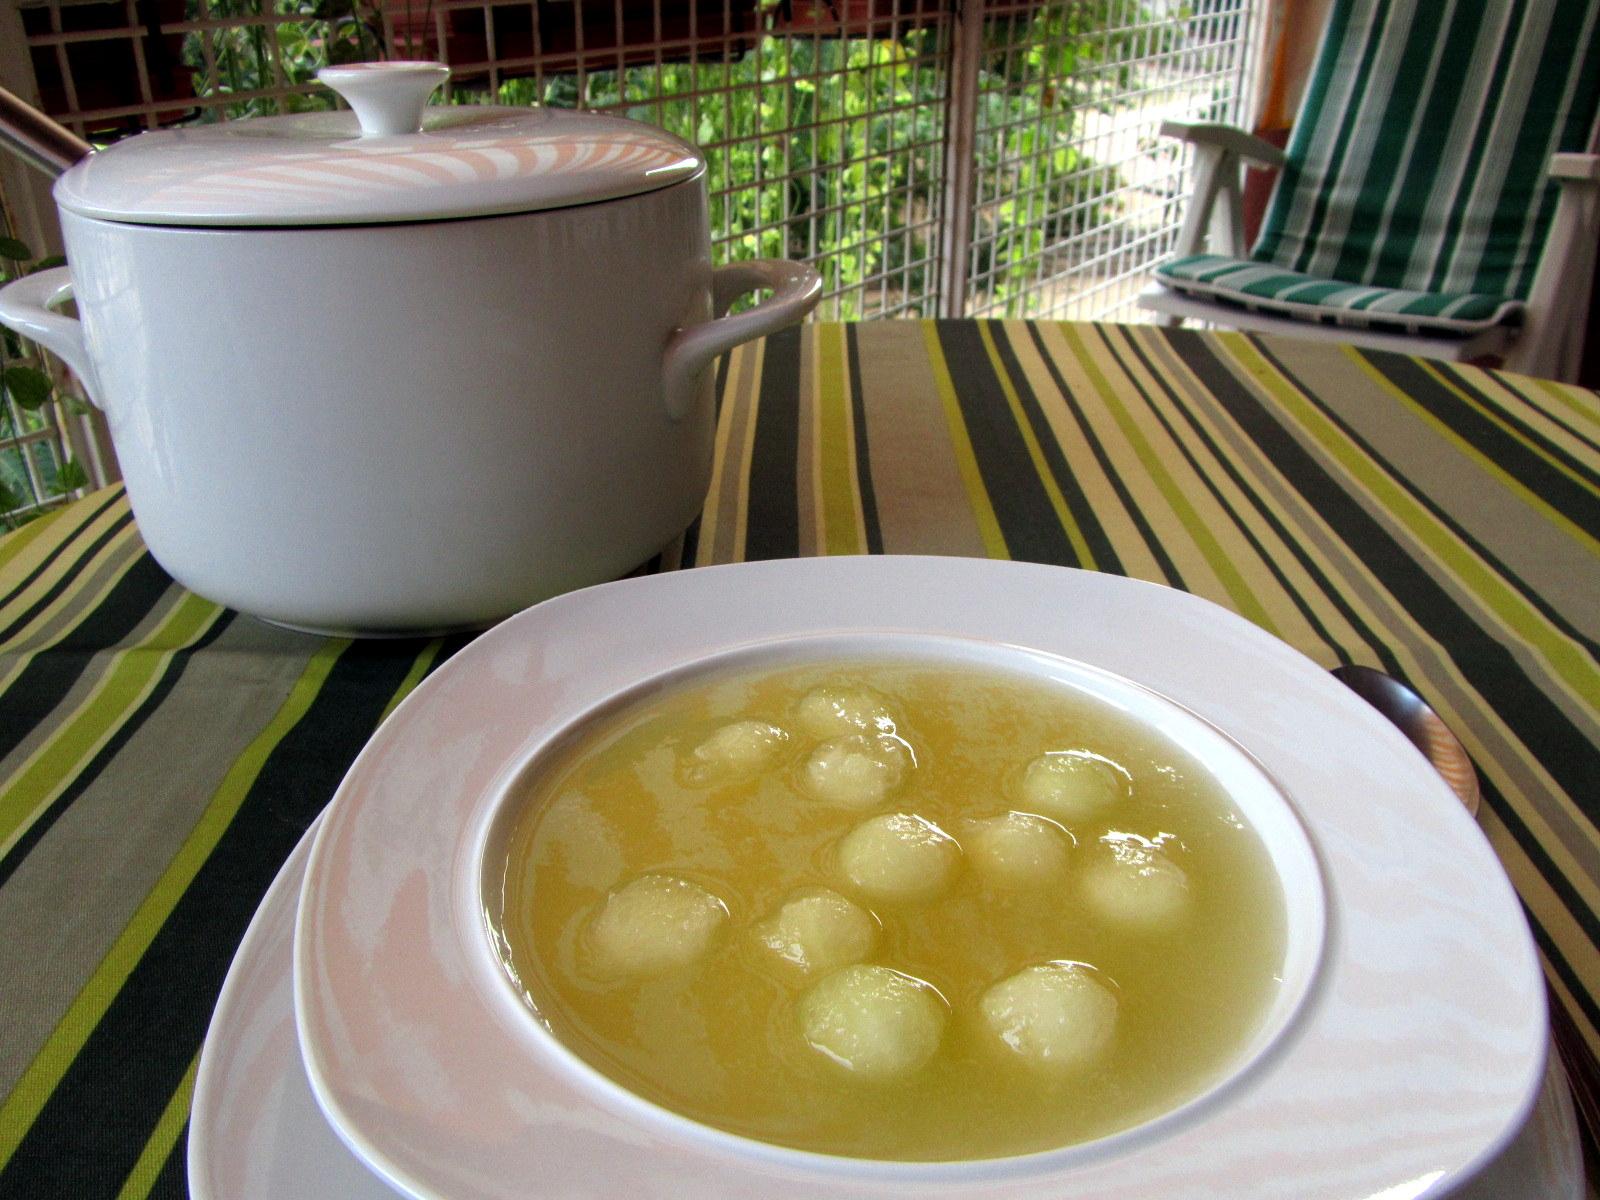 cocina con luz verde: Sopa fría de melón (entrante o postre)